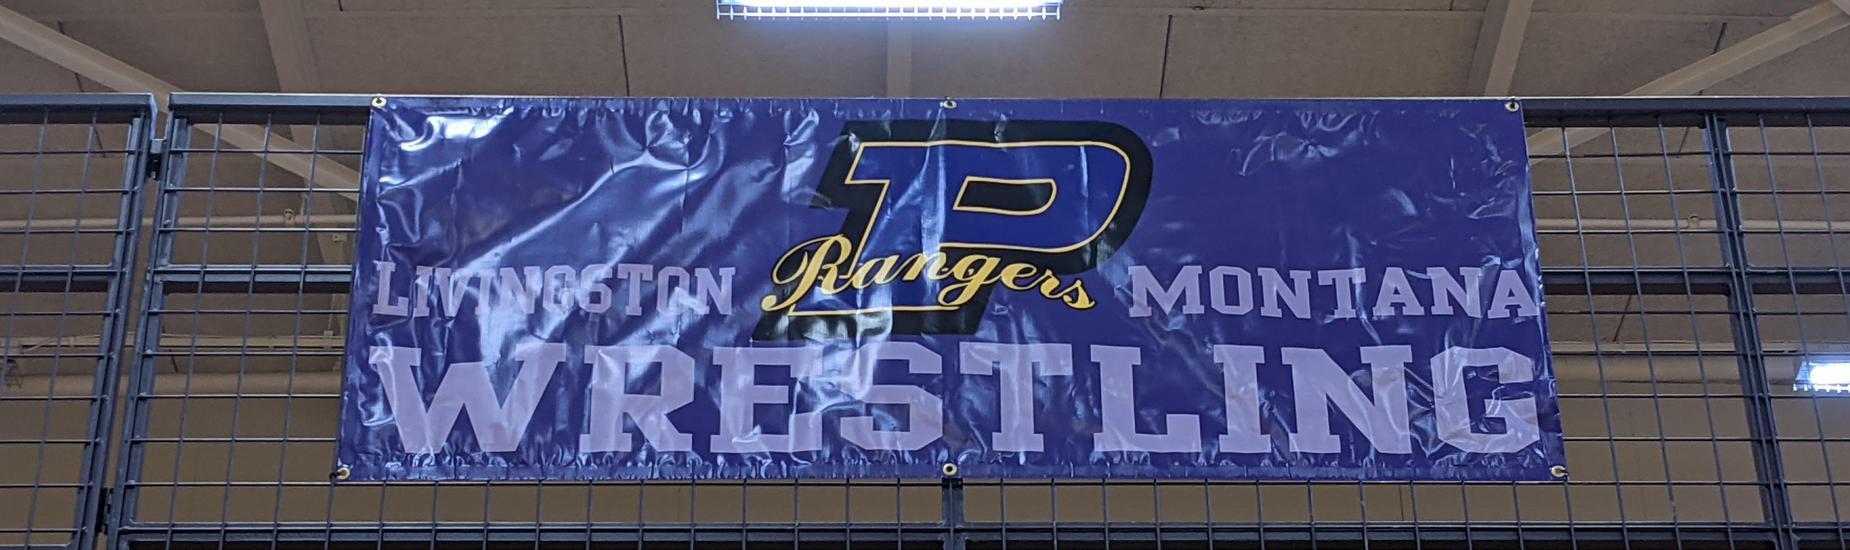 Rangers Wrestling Banner